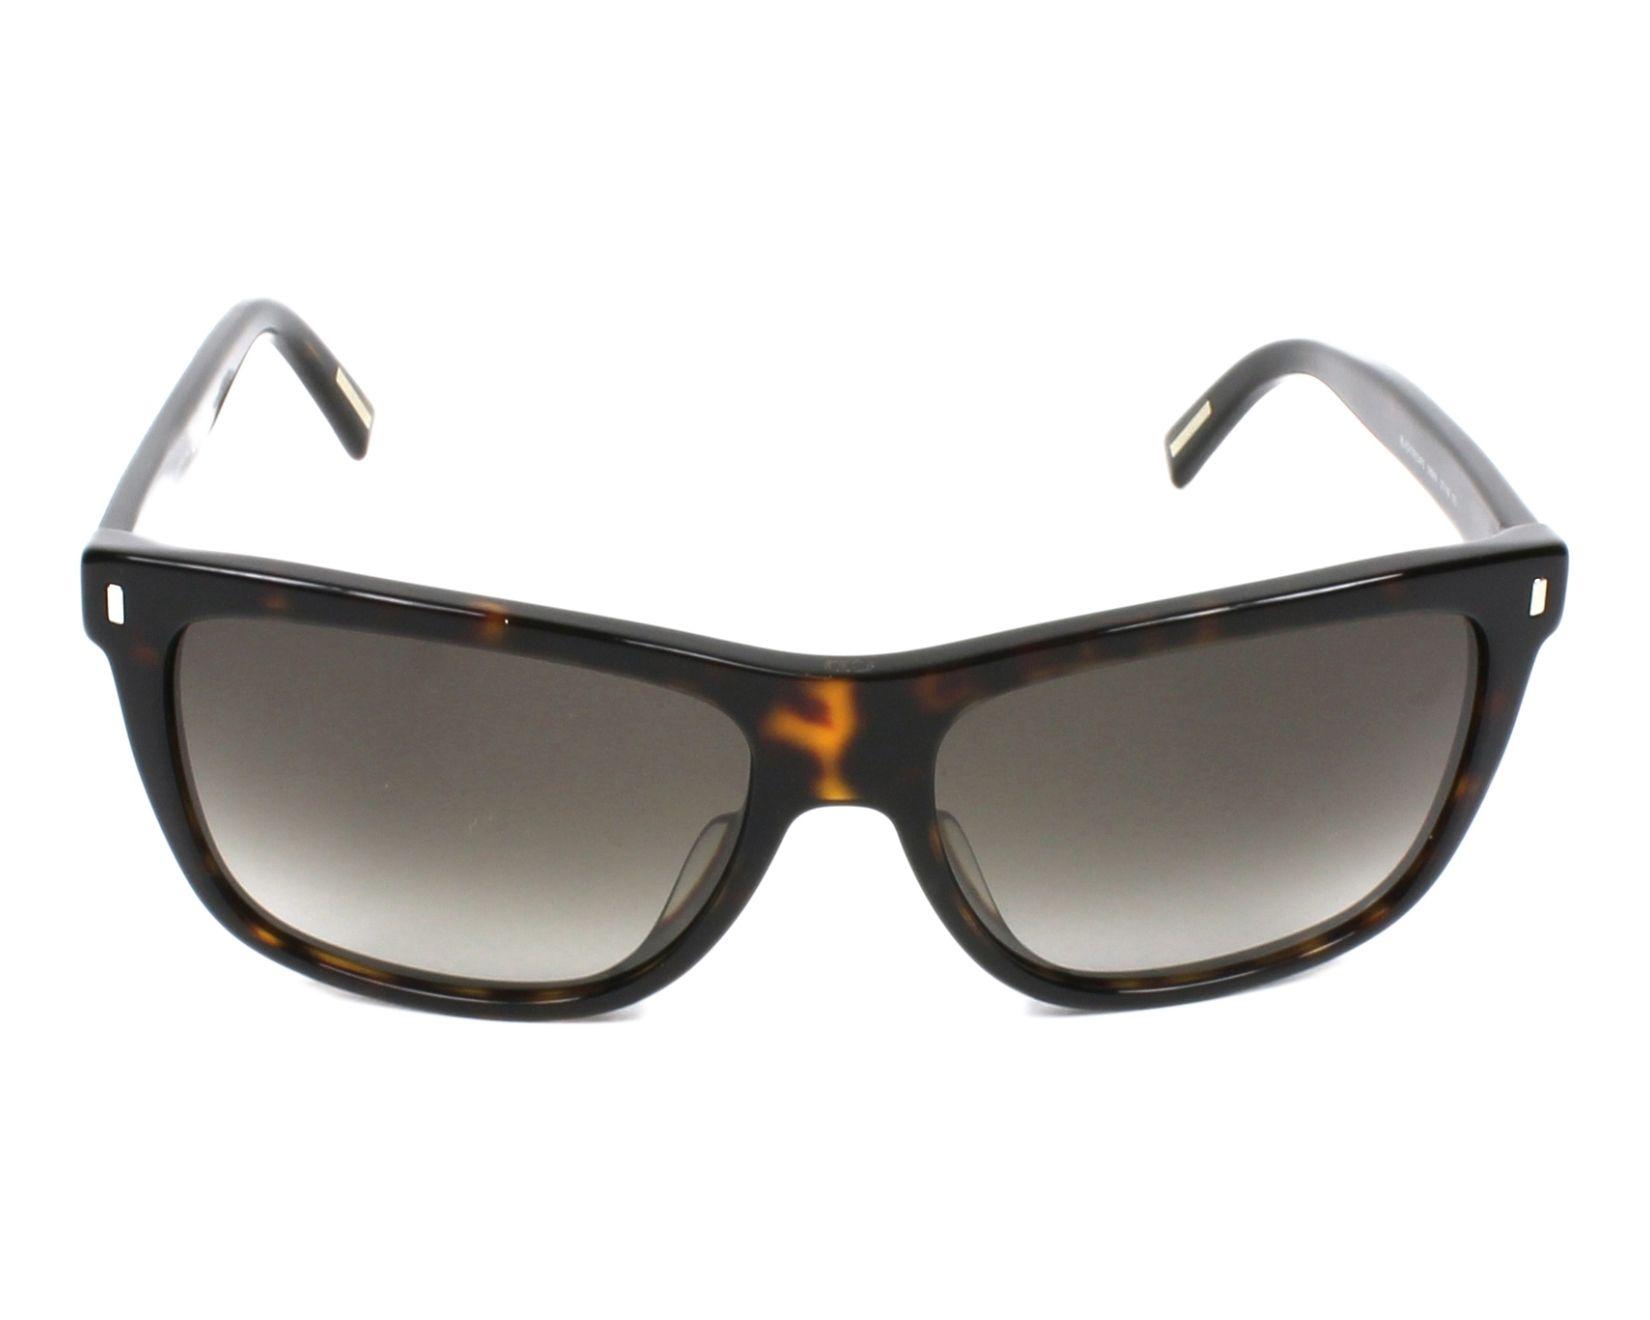 Christian Dior Sonnenbrillen BLACKTIE 154FS 086HA m4L57